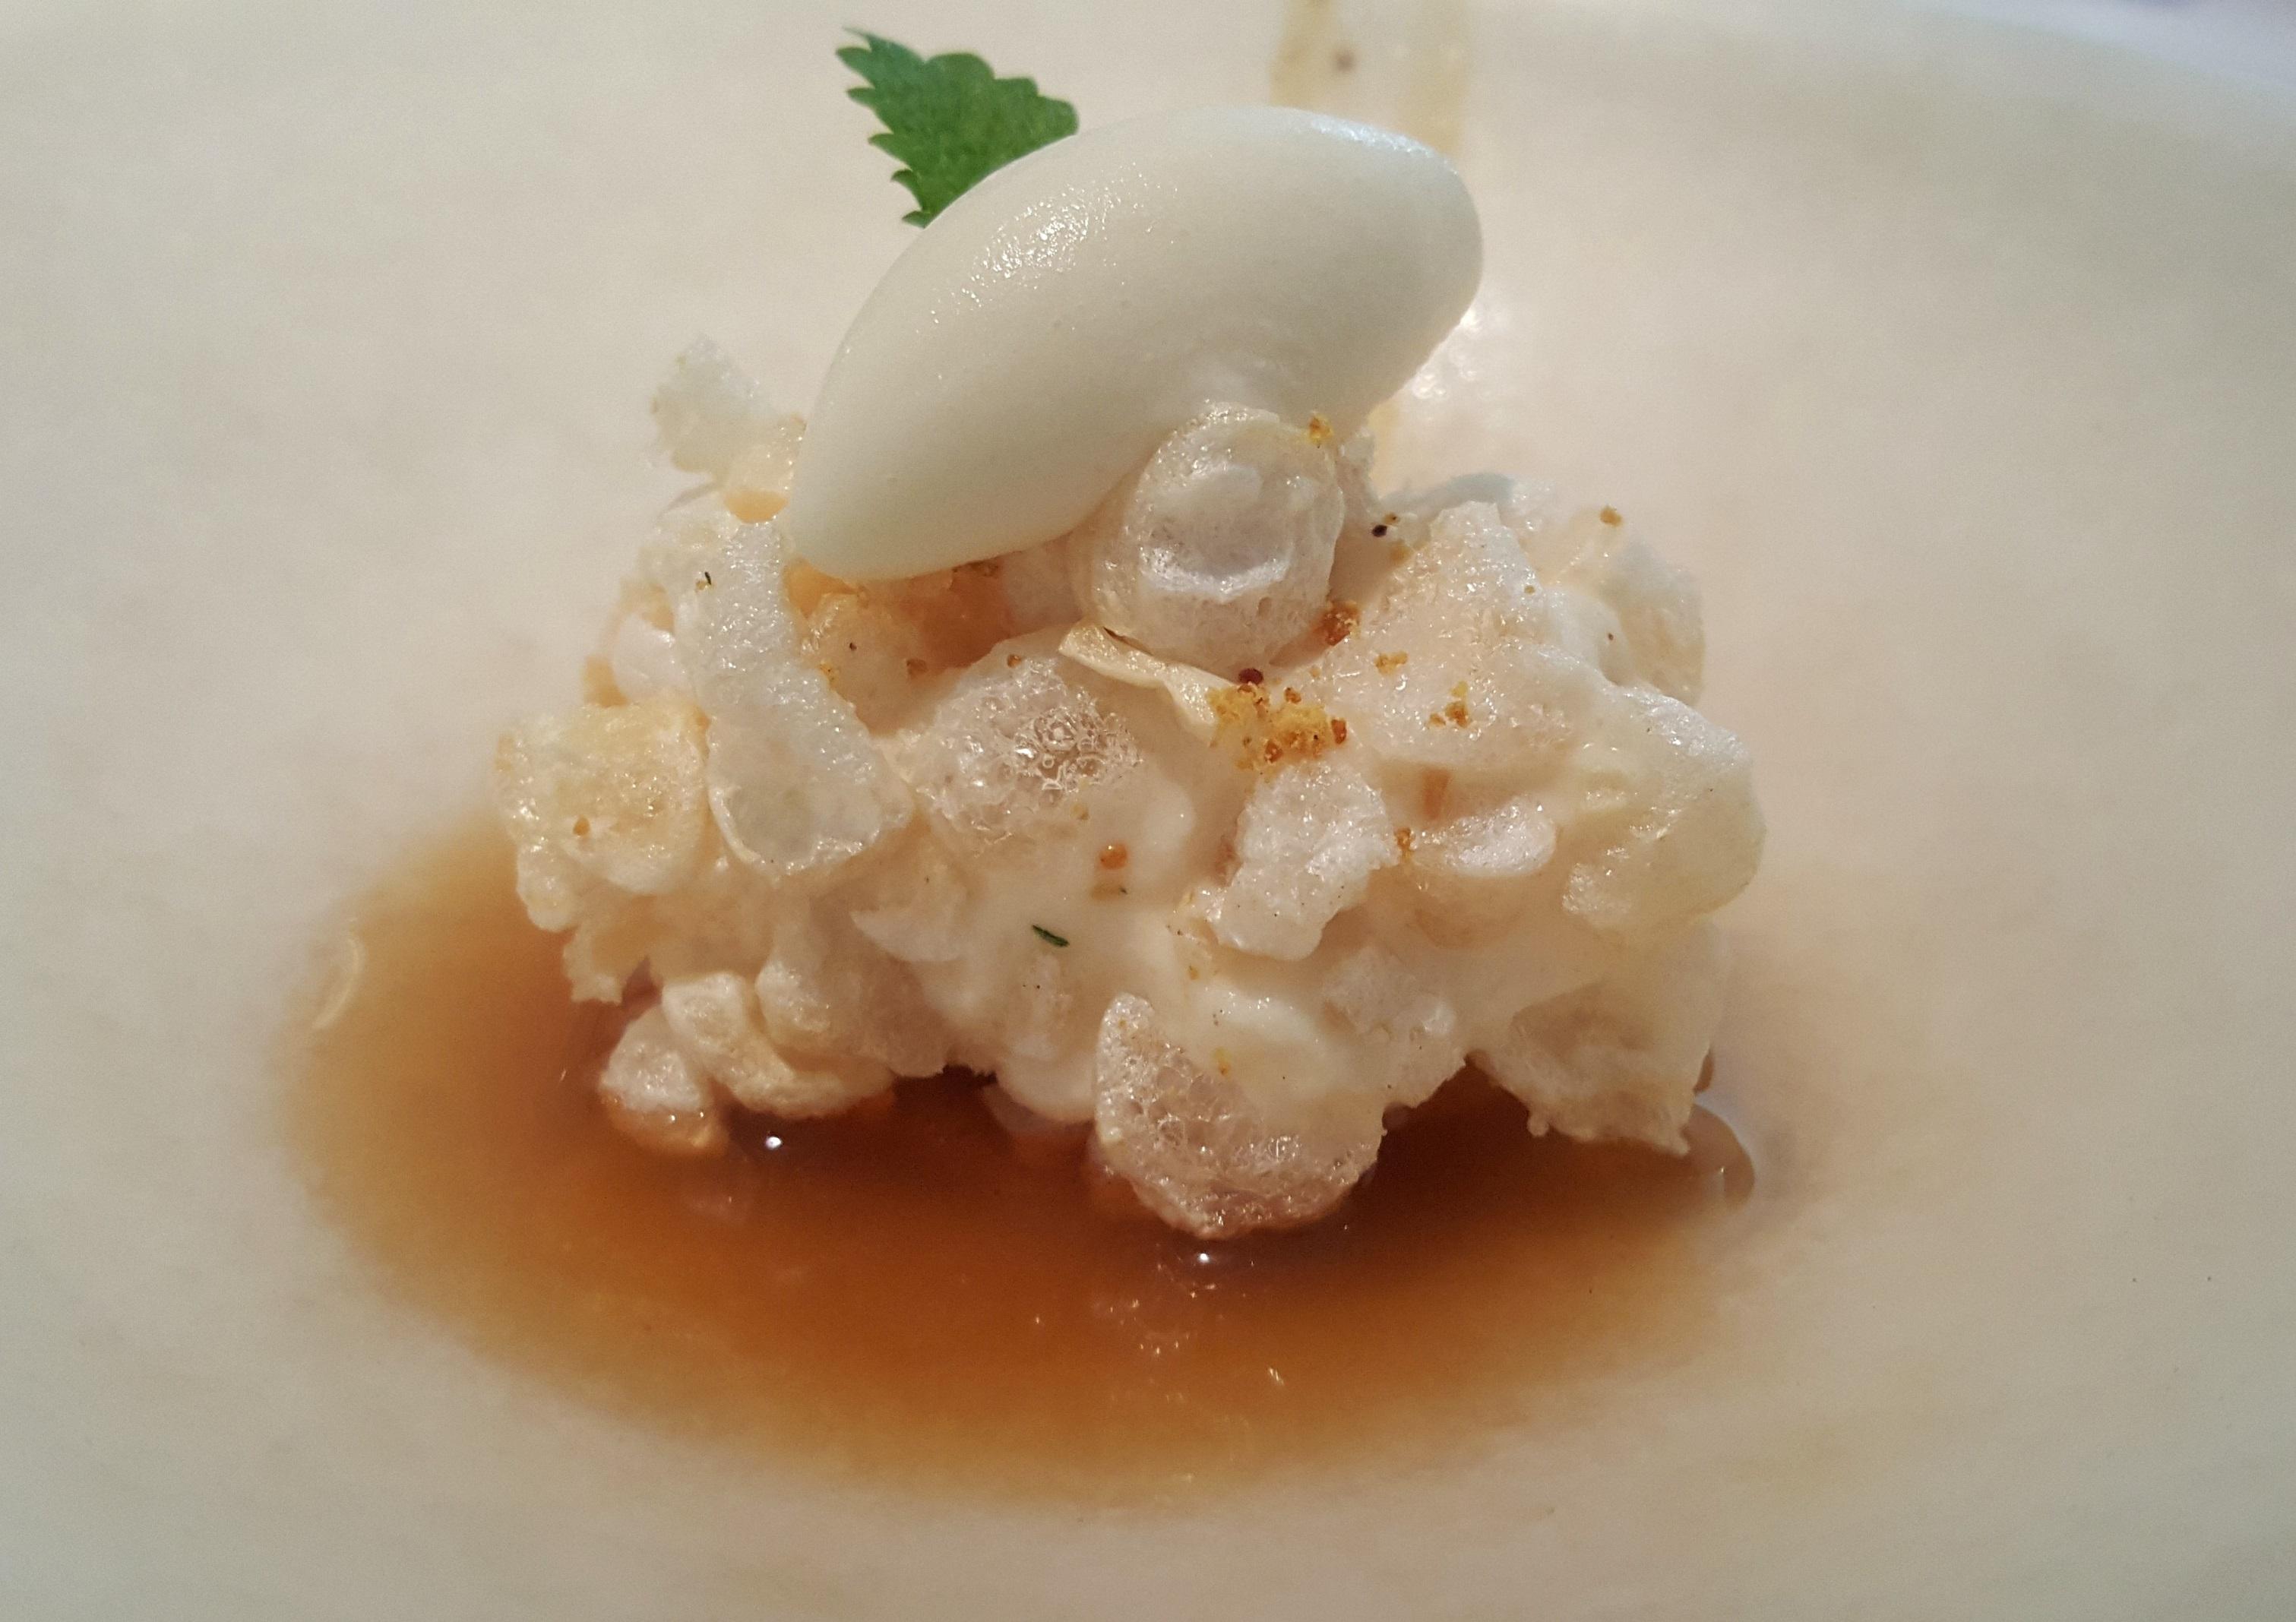 helado de manteca de cerdo con cortezas, miel y limón El Portal de Echaurren